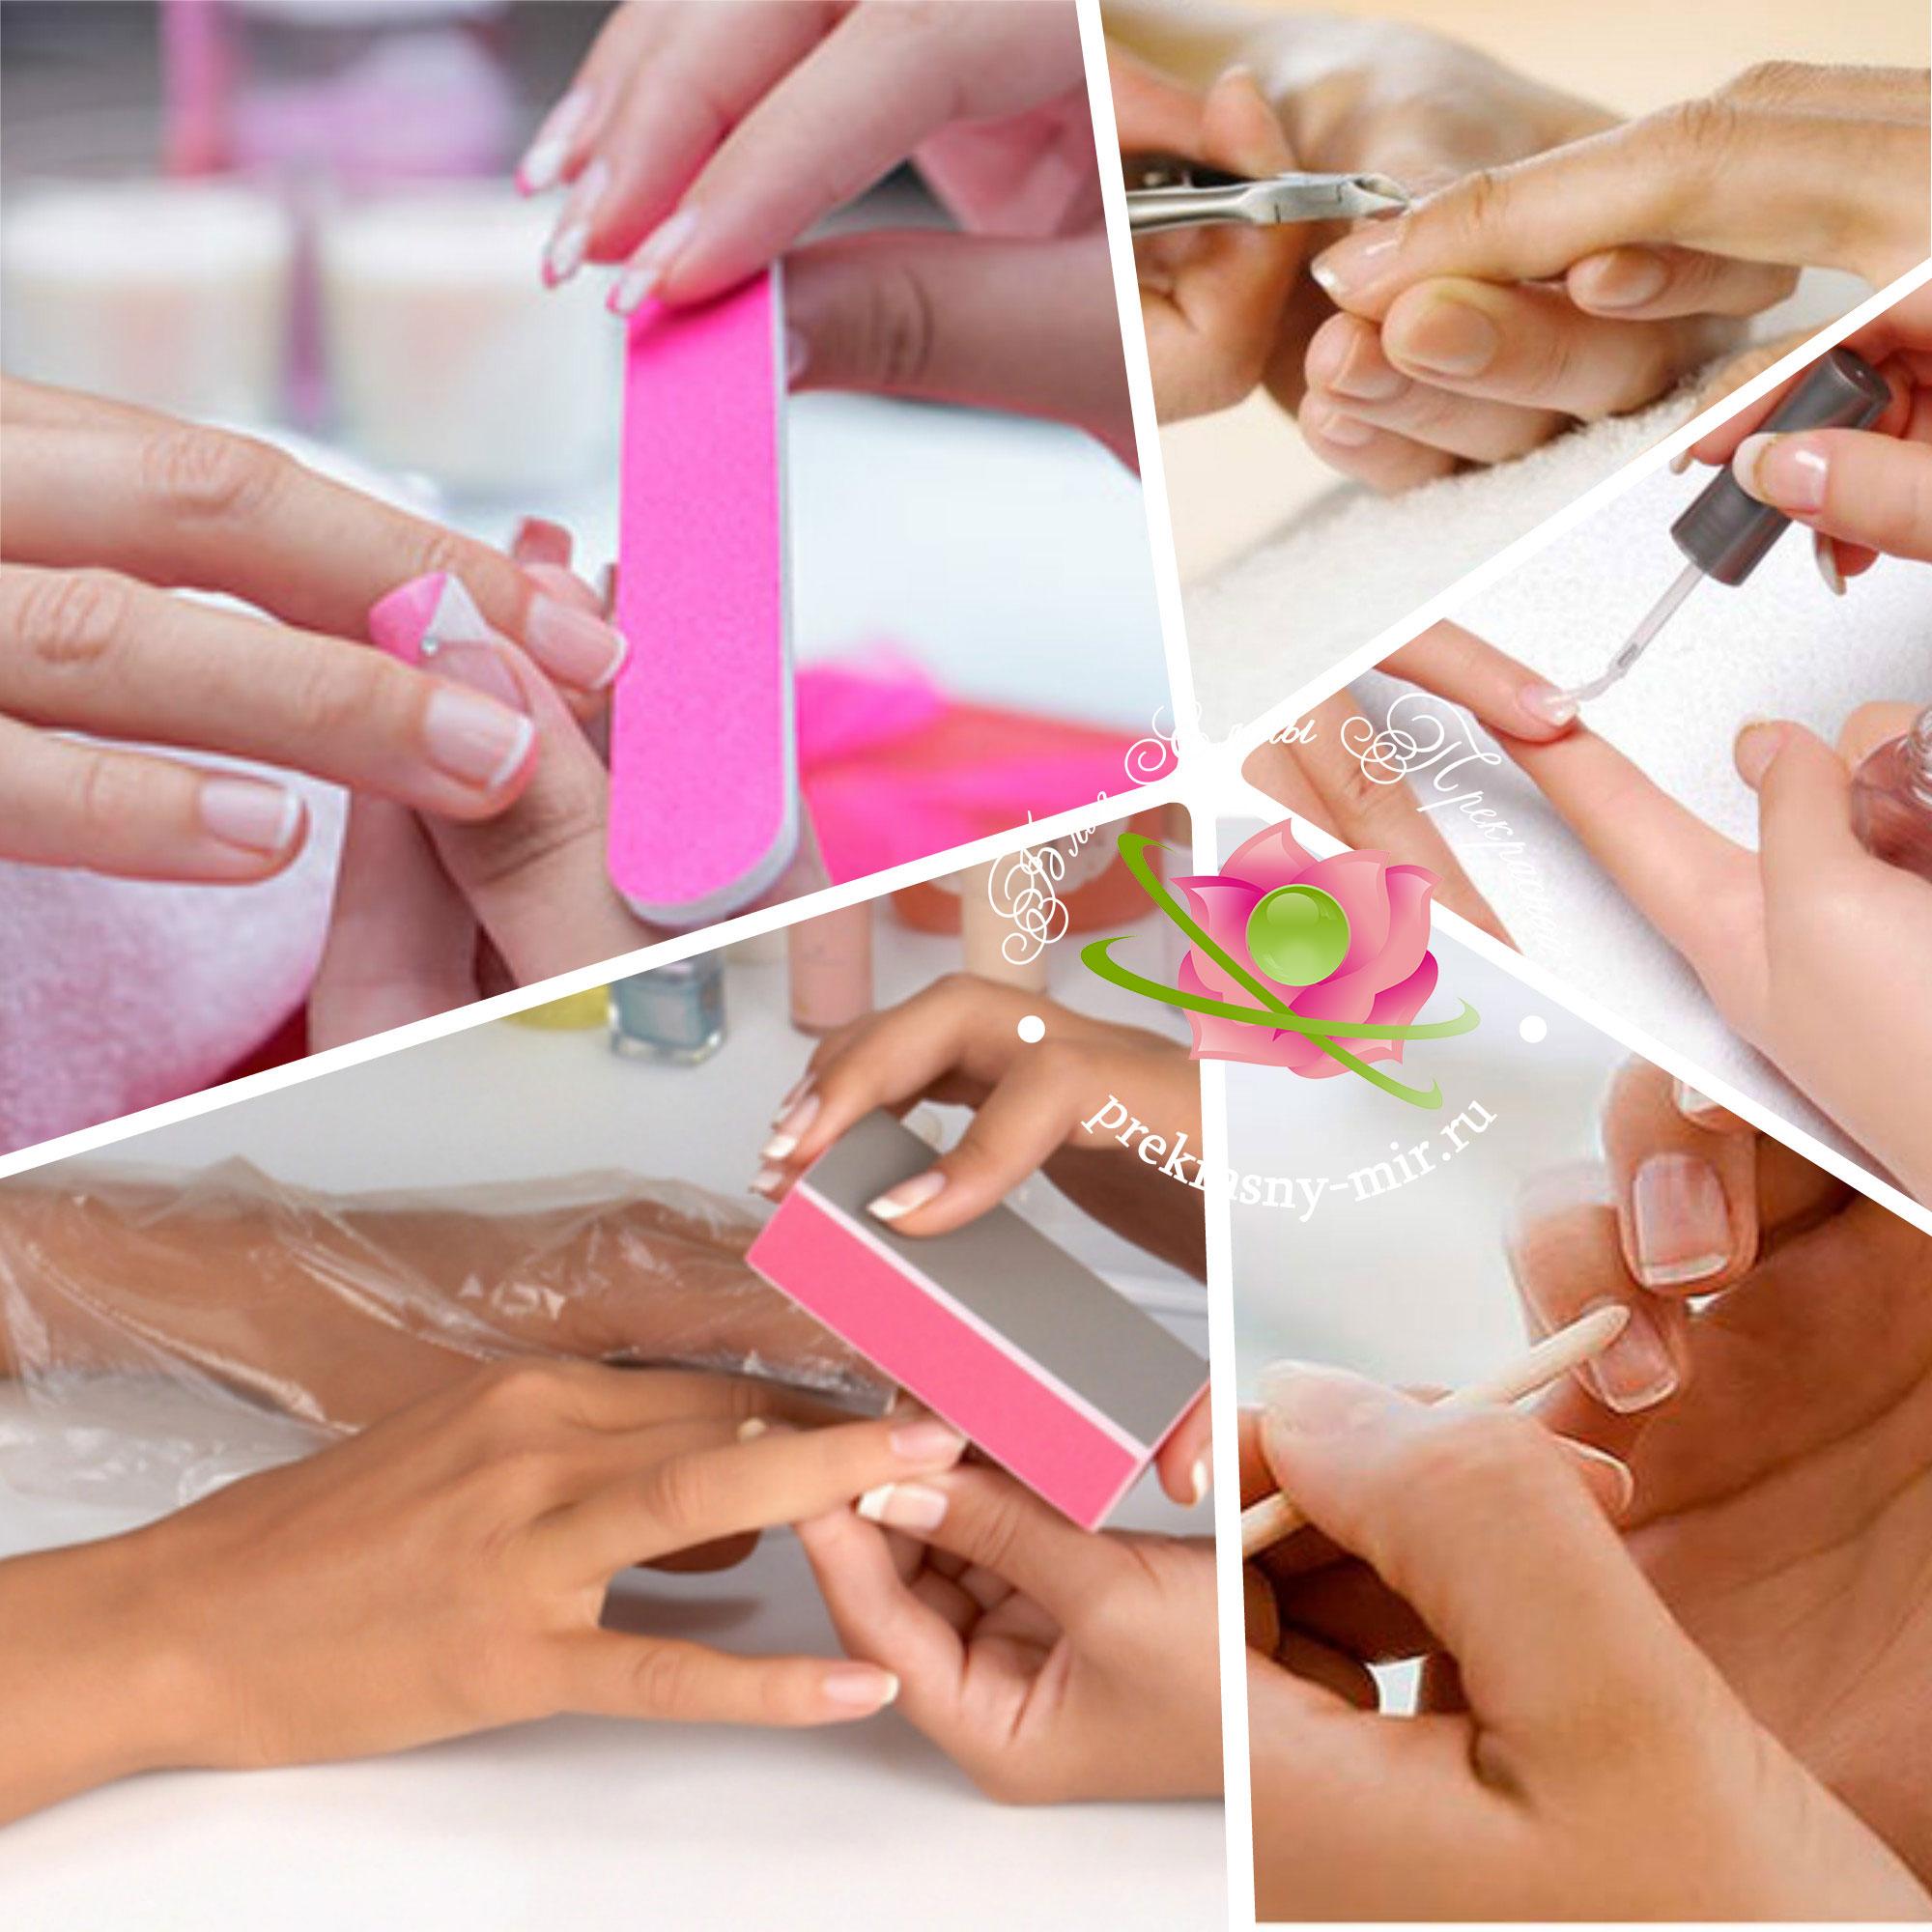 Маникюр для ногтей в домашних условиях пошаговая инструкция